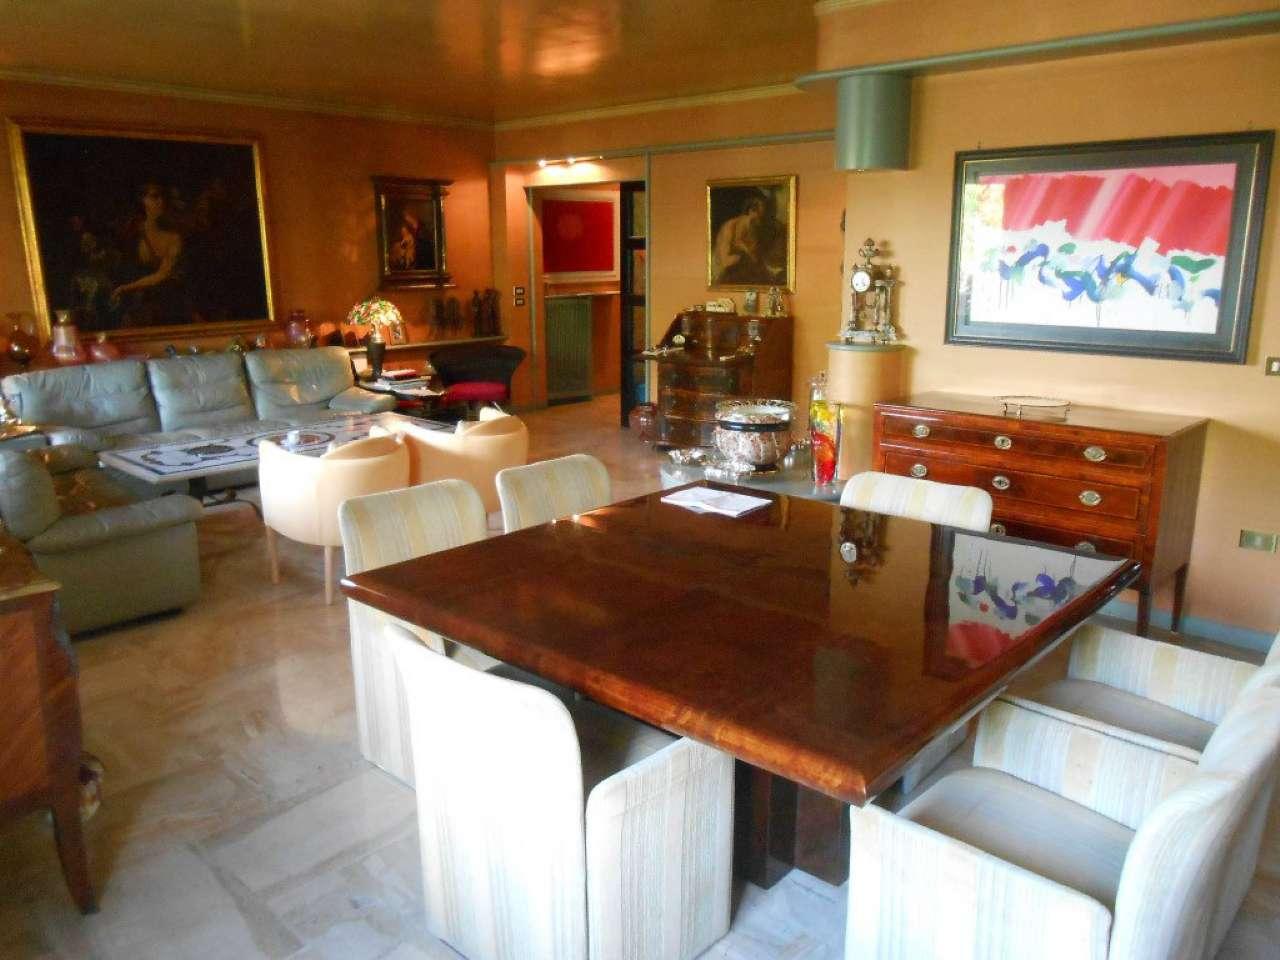 Appartamento in vendita a Venezia, 10 locali, zona Zona: 11 . Mestre, prezzo € 380.000   CambioCasa.it